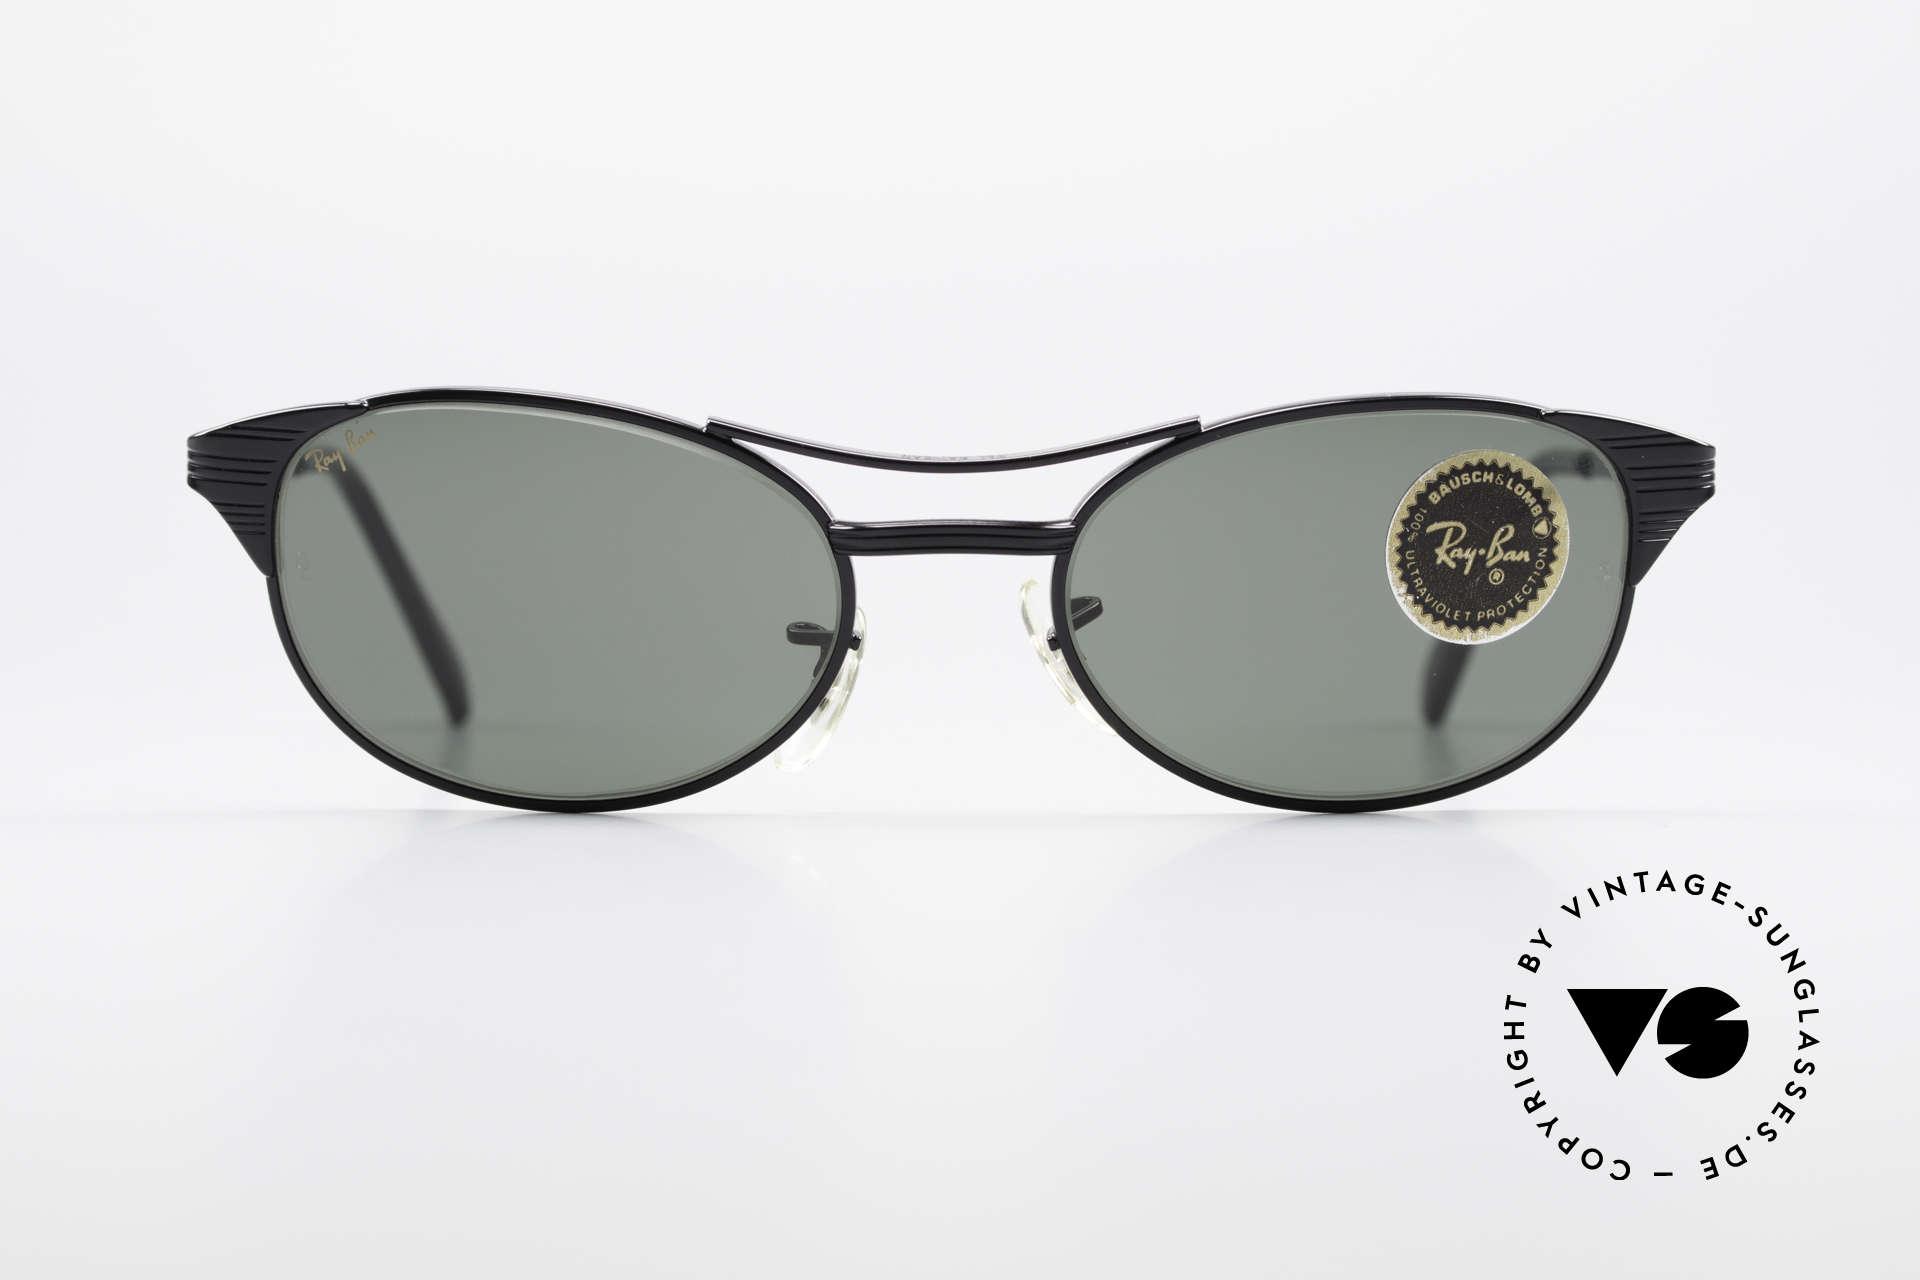 d1630298b Sonnenbrillen Ray Ban Signet Oval Alte B&L USA 80er Sonnenbrille ...